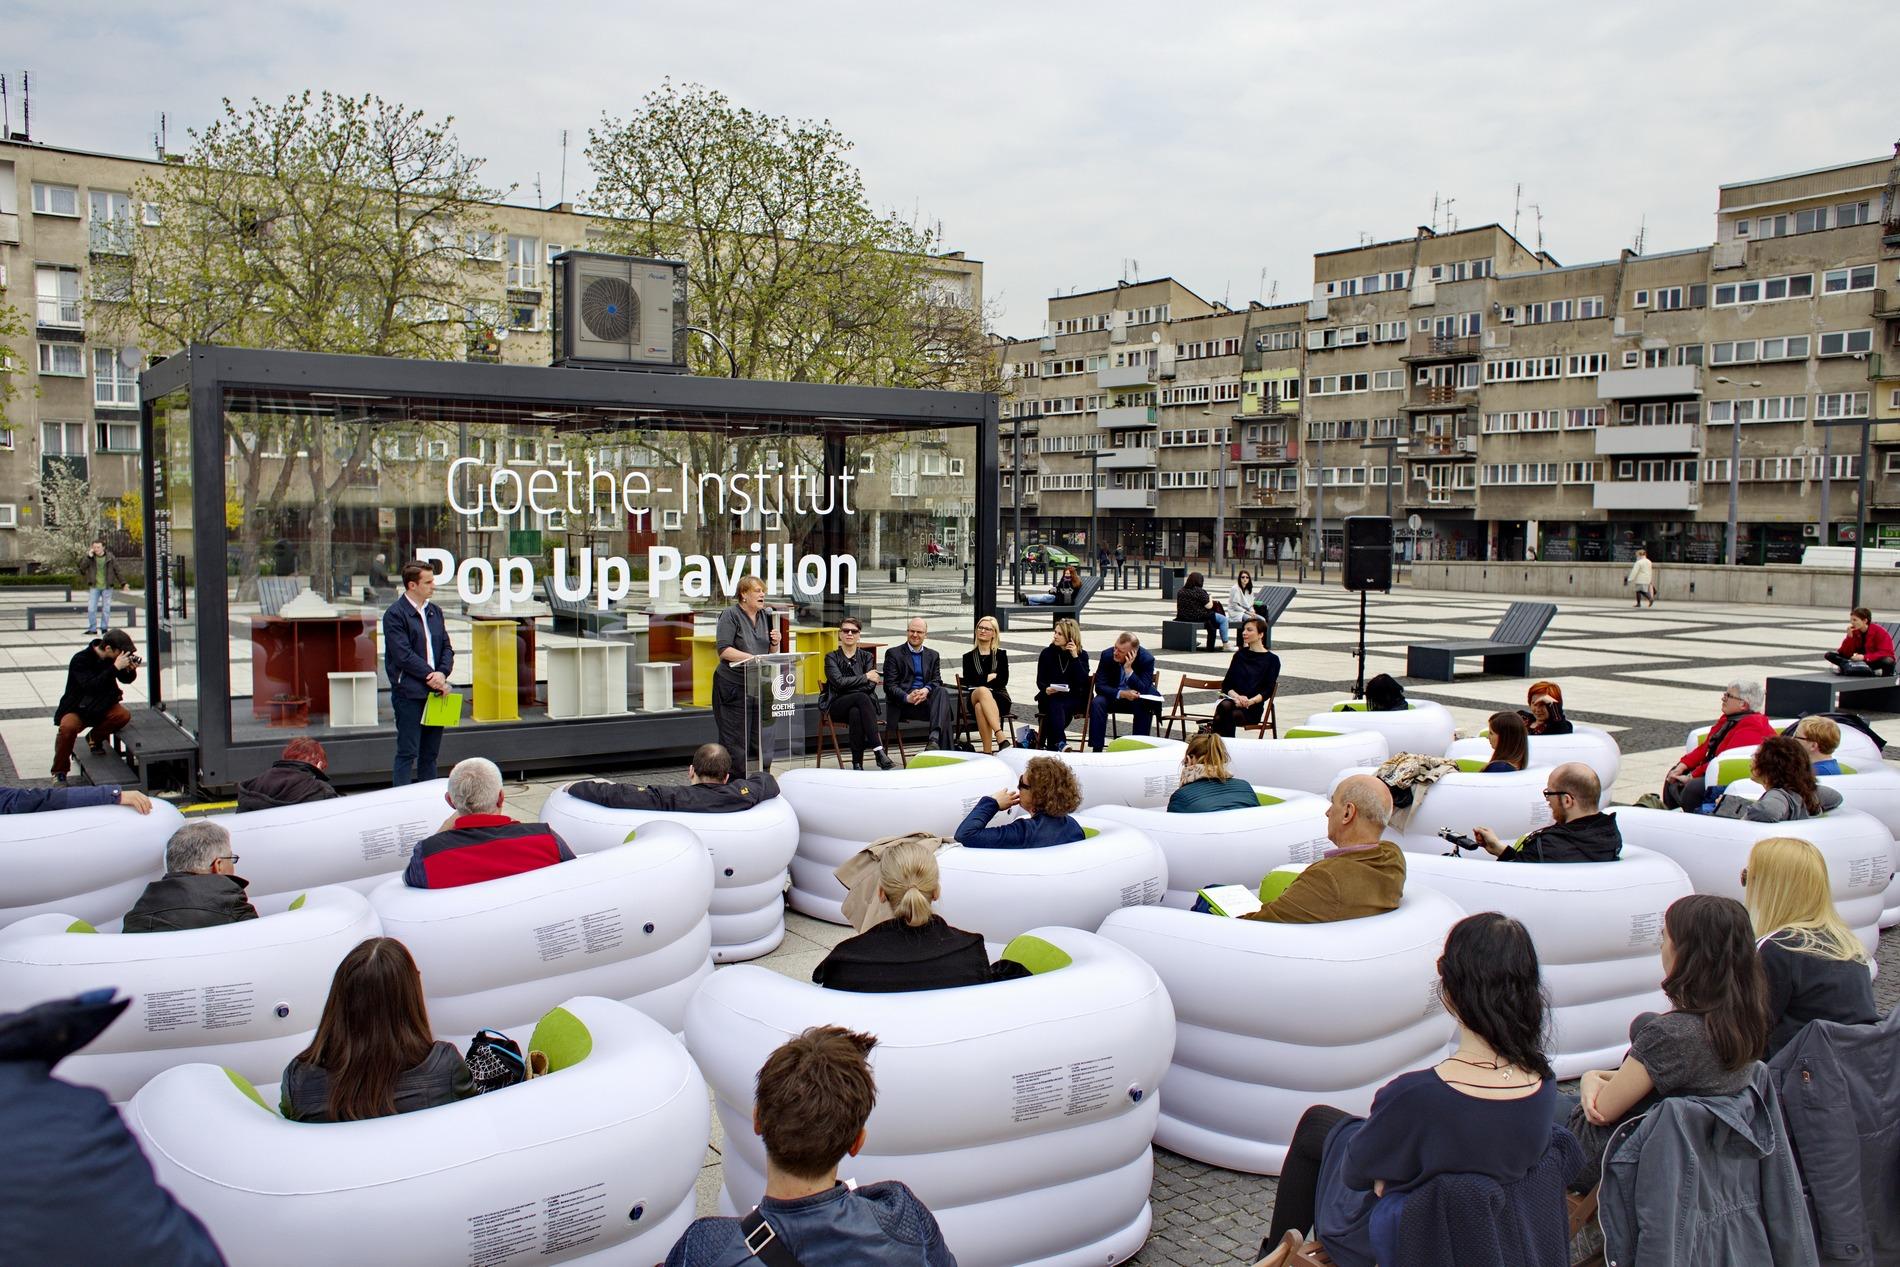 Goethe-Institut Pop Up Pavillon, fot. Artur Bryś (źródło: materiały prasowe organizatora)